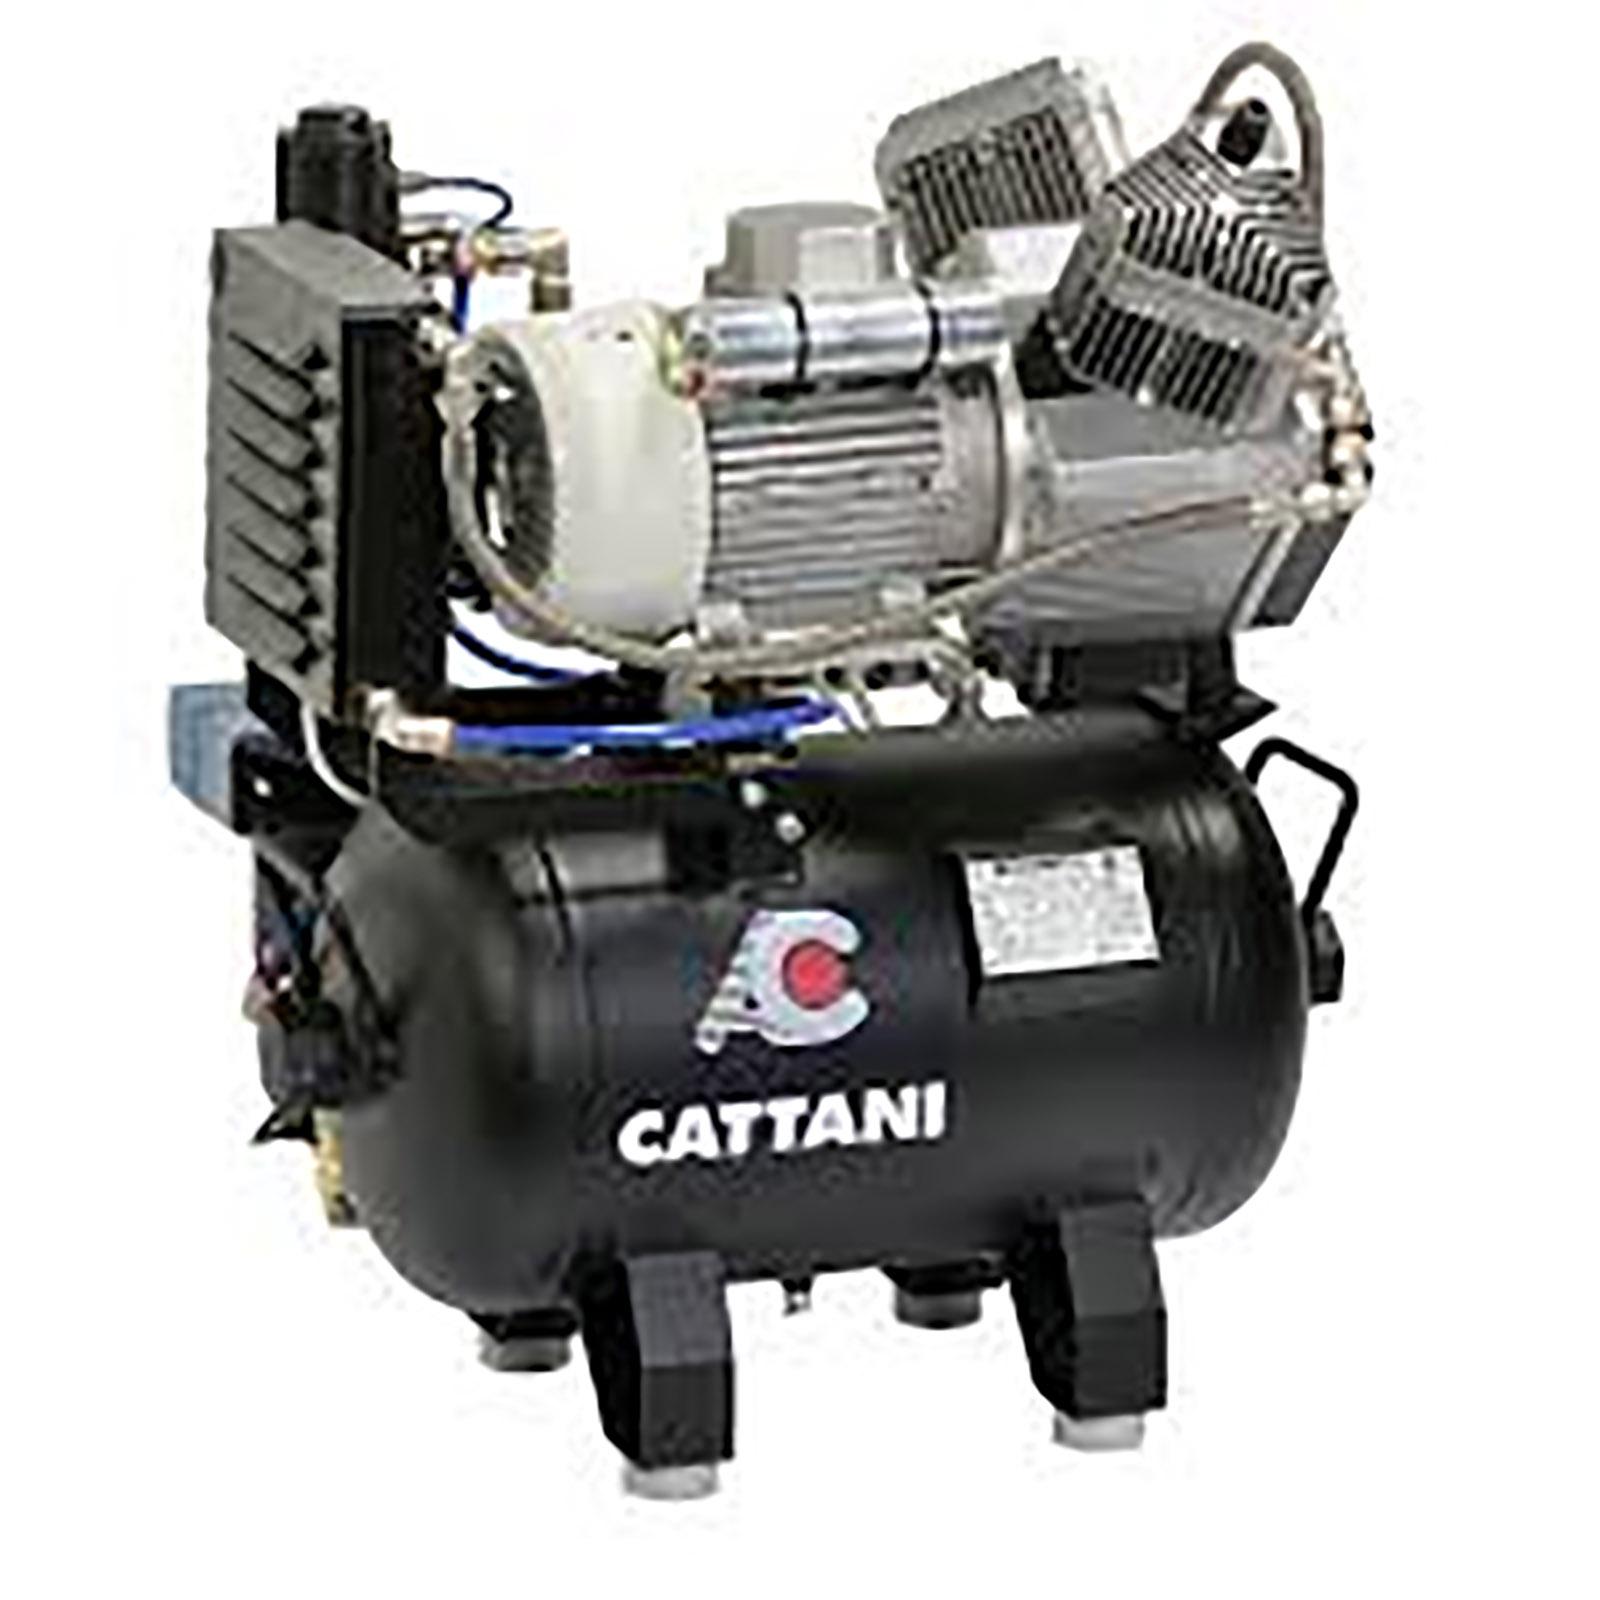 Compresseur Cattani